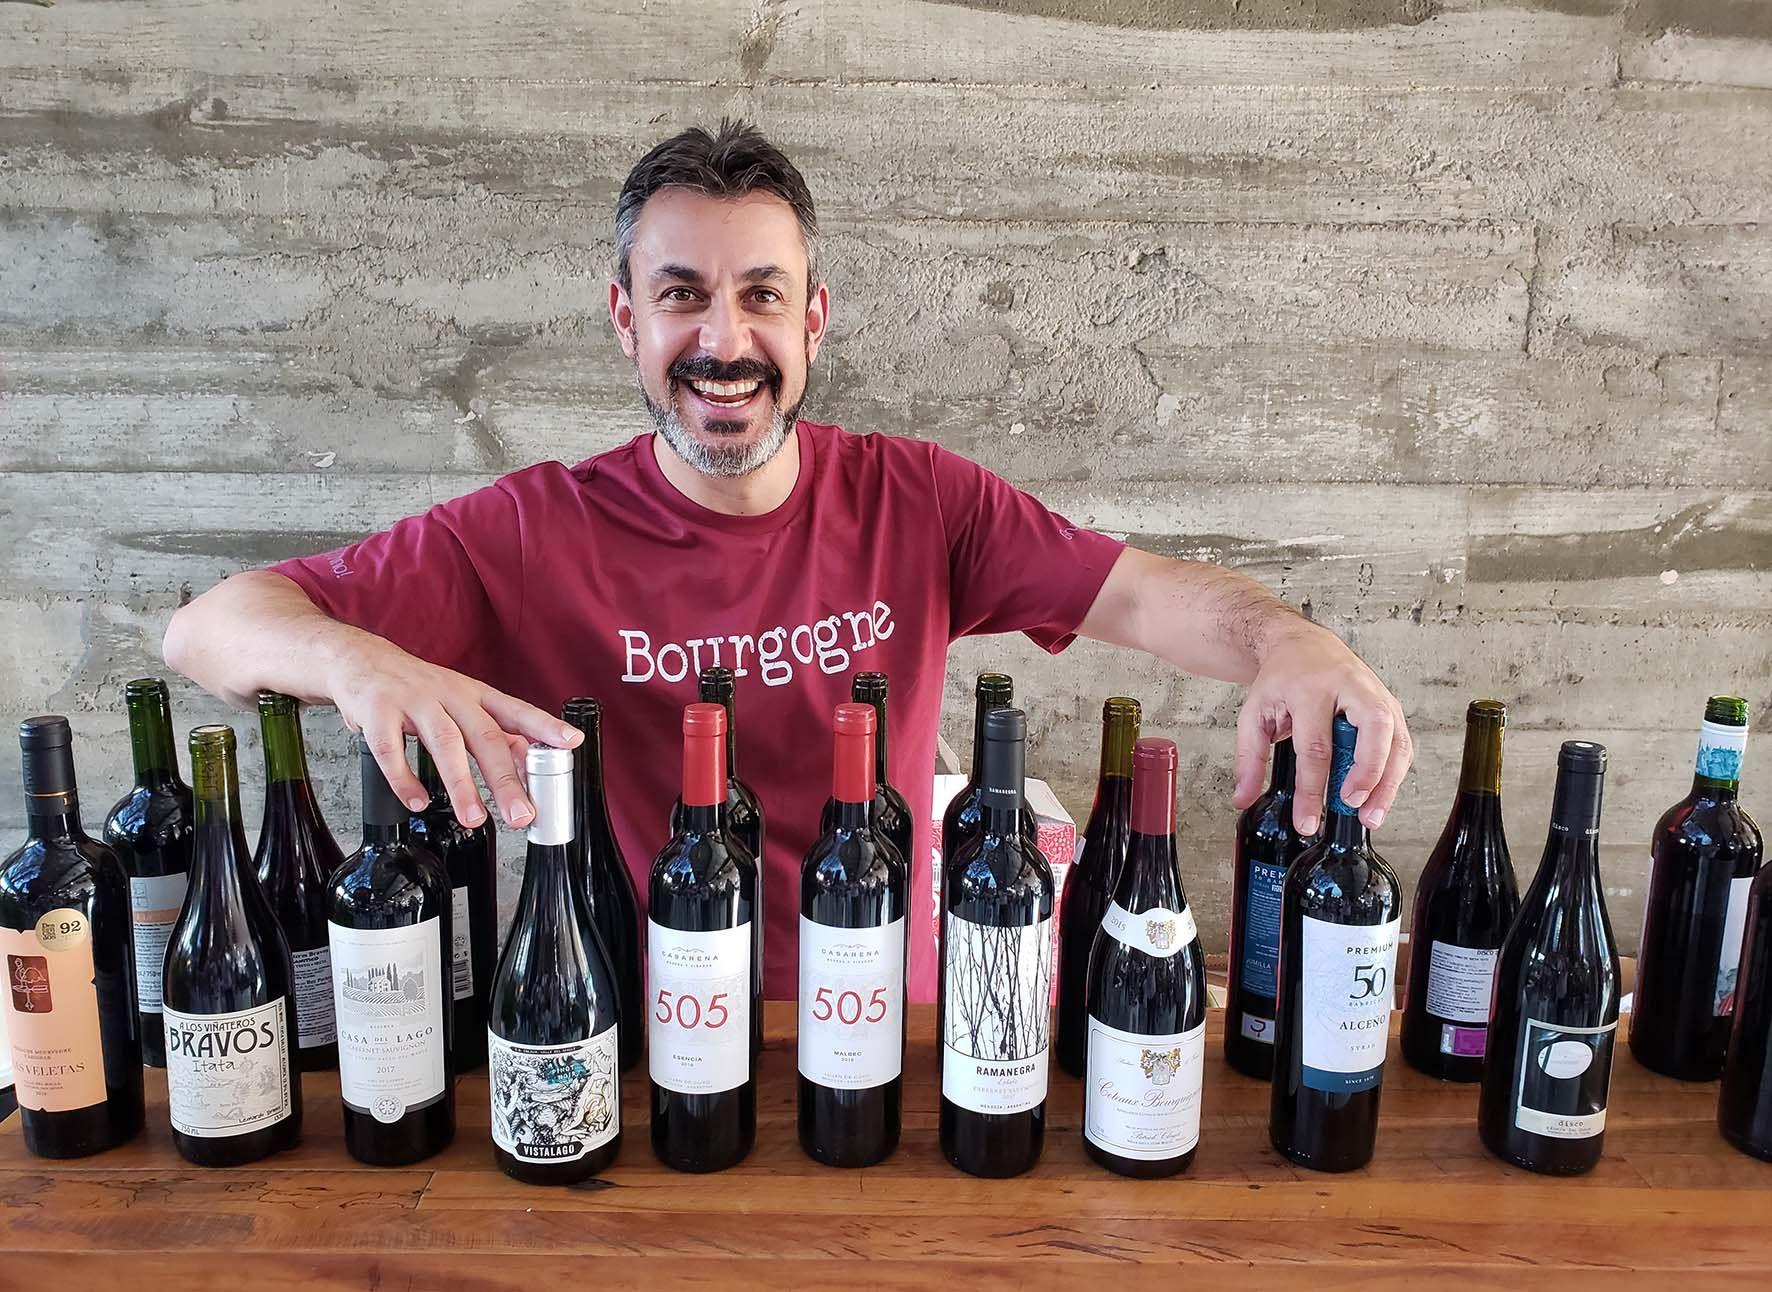 Raphael Zanette, especialista em vinhos, vai apresentar o evento online, dirigir a avaliação dos vinhos e depois revelar quais são eles.